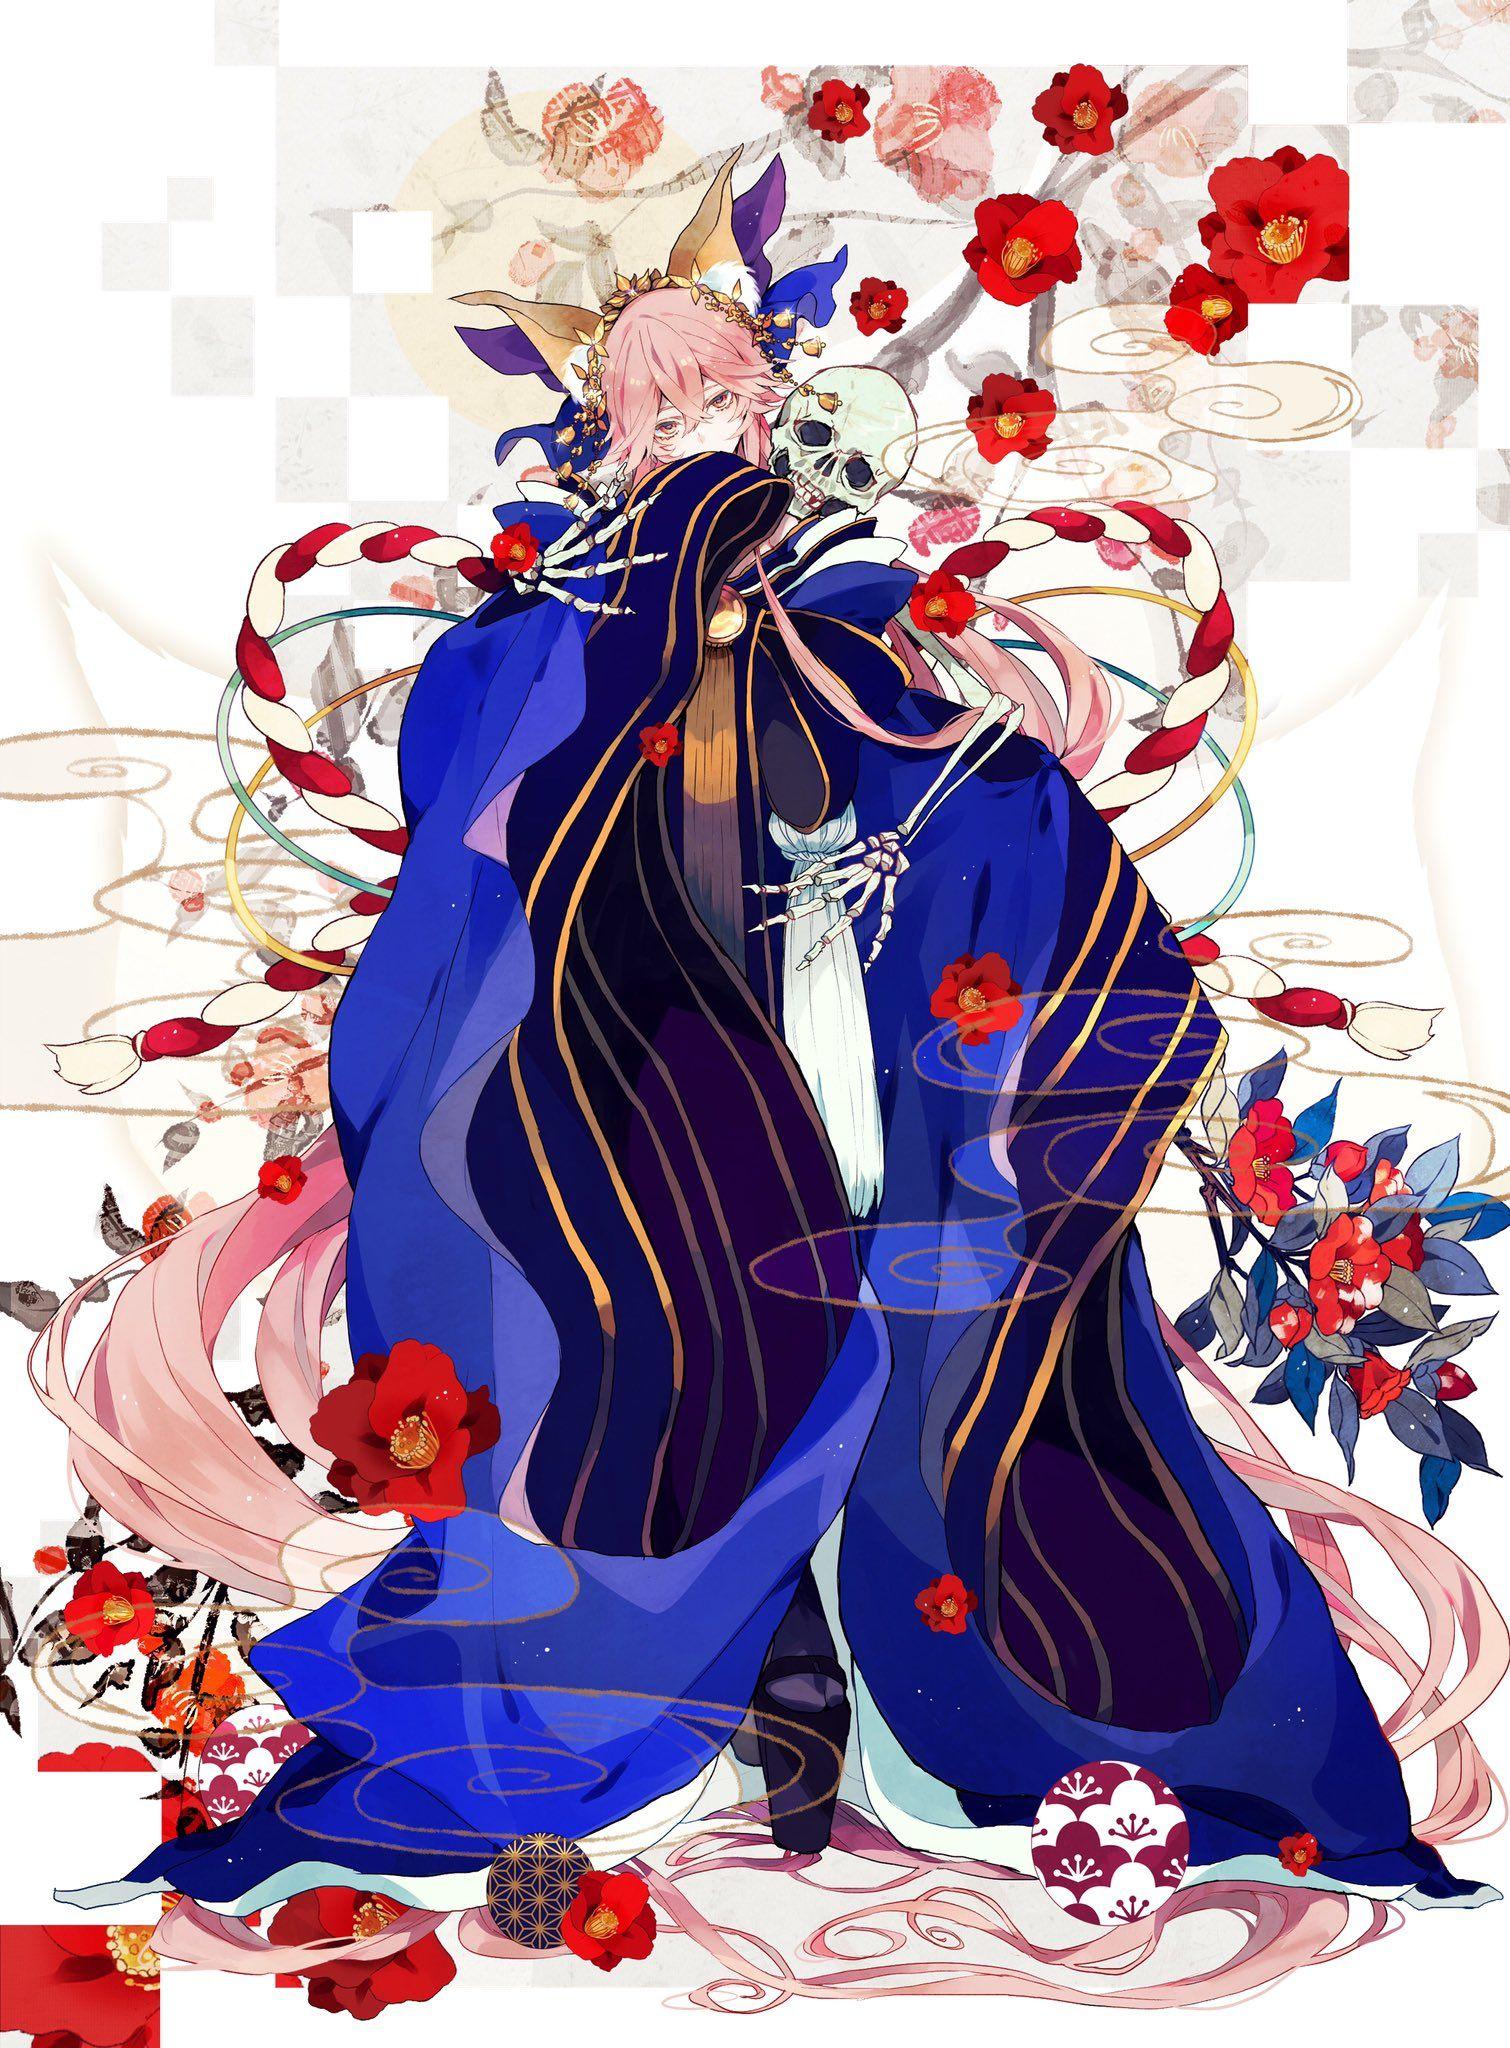 沙月 on Twitter in 2020 Anime, Fate anime series, Anime